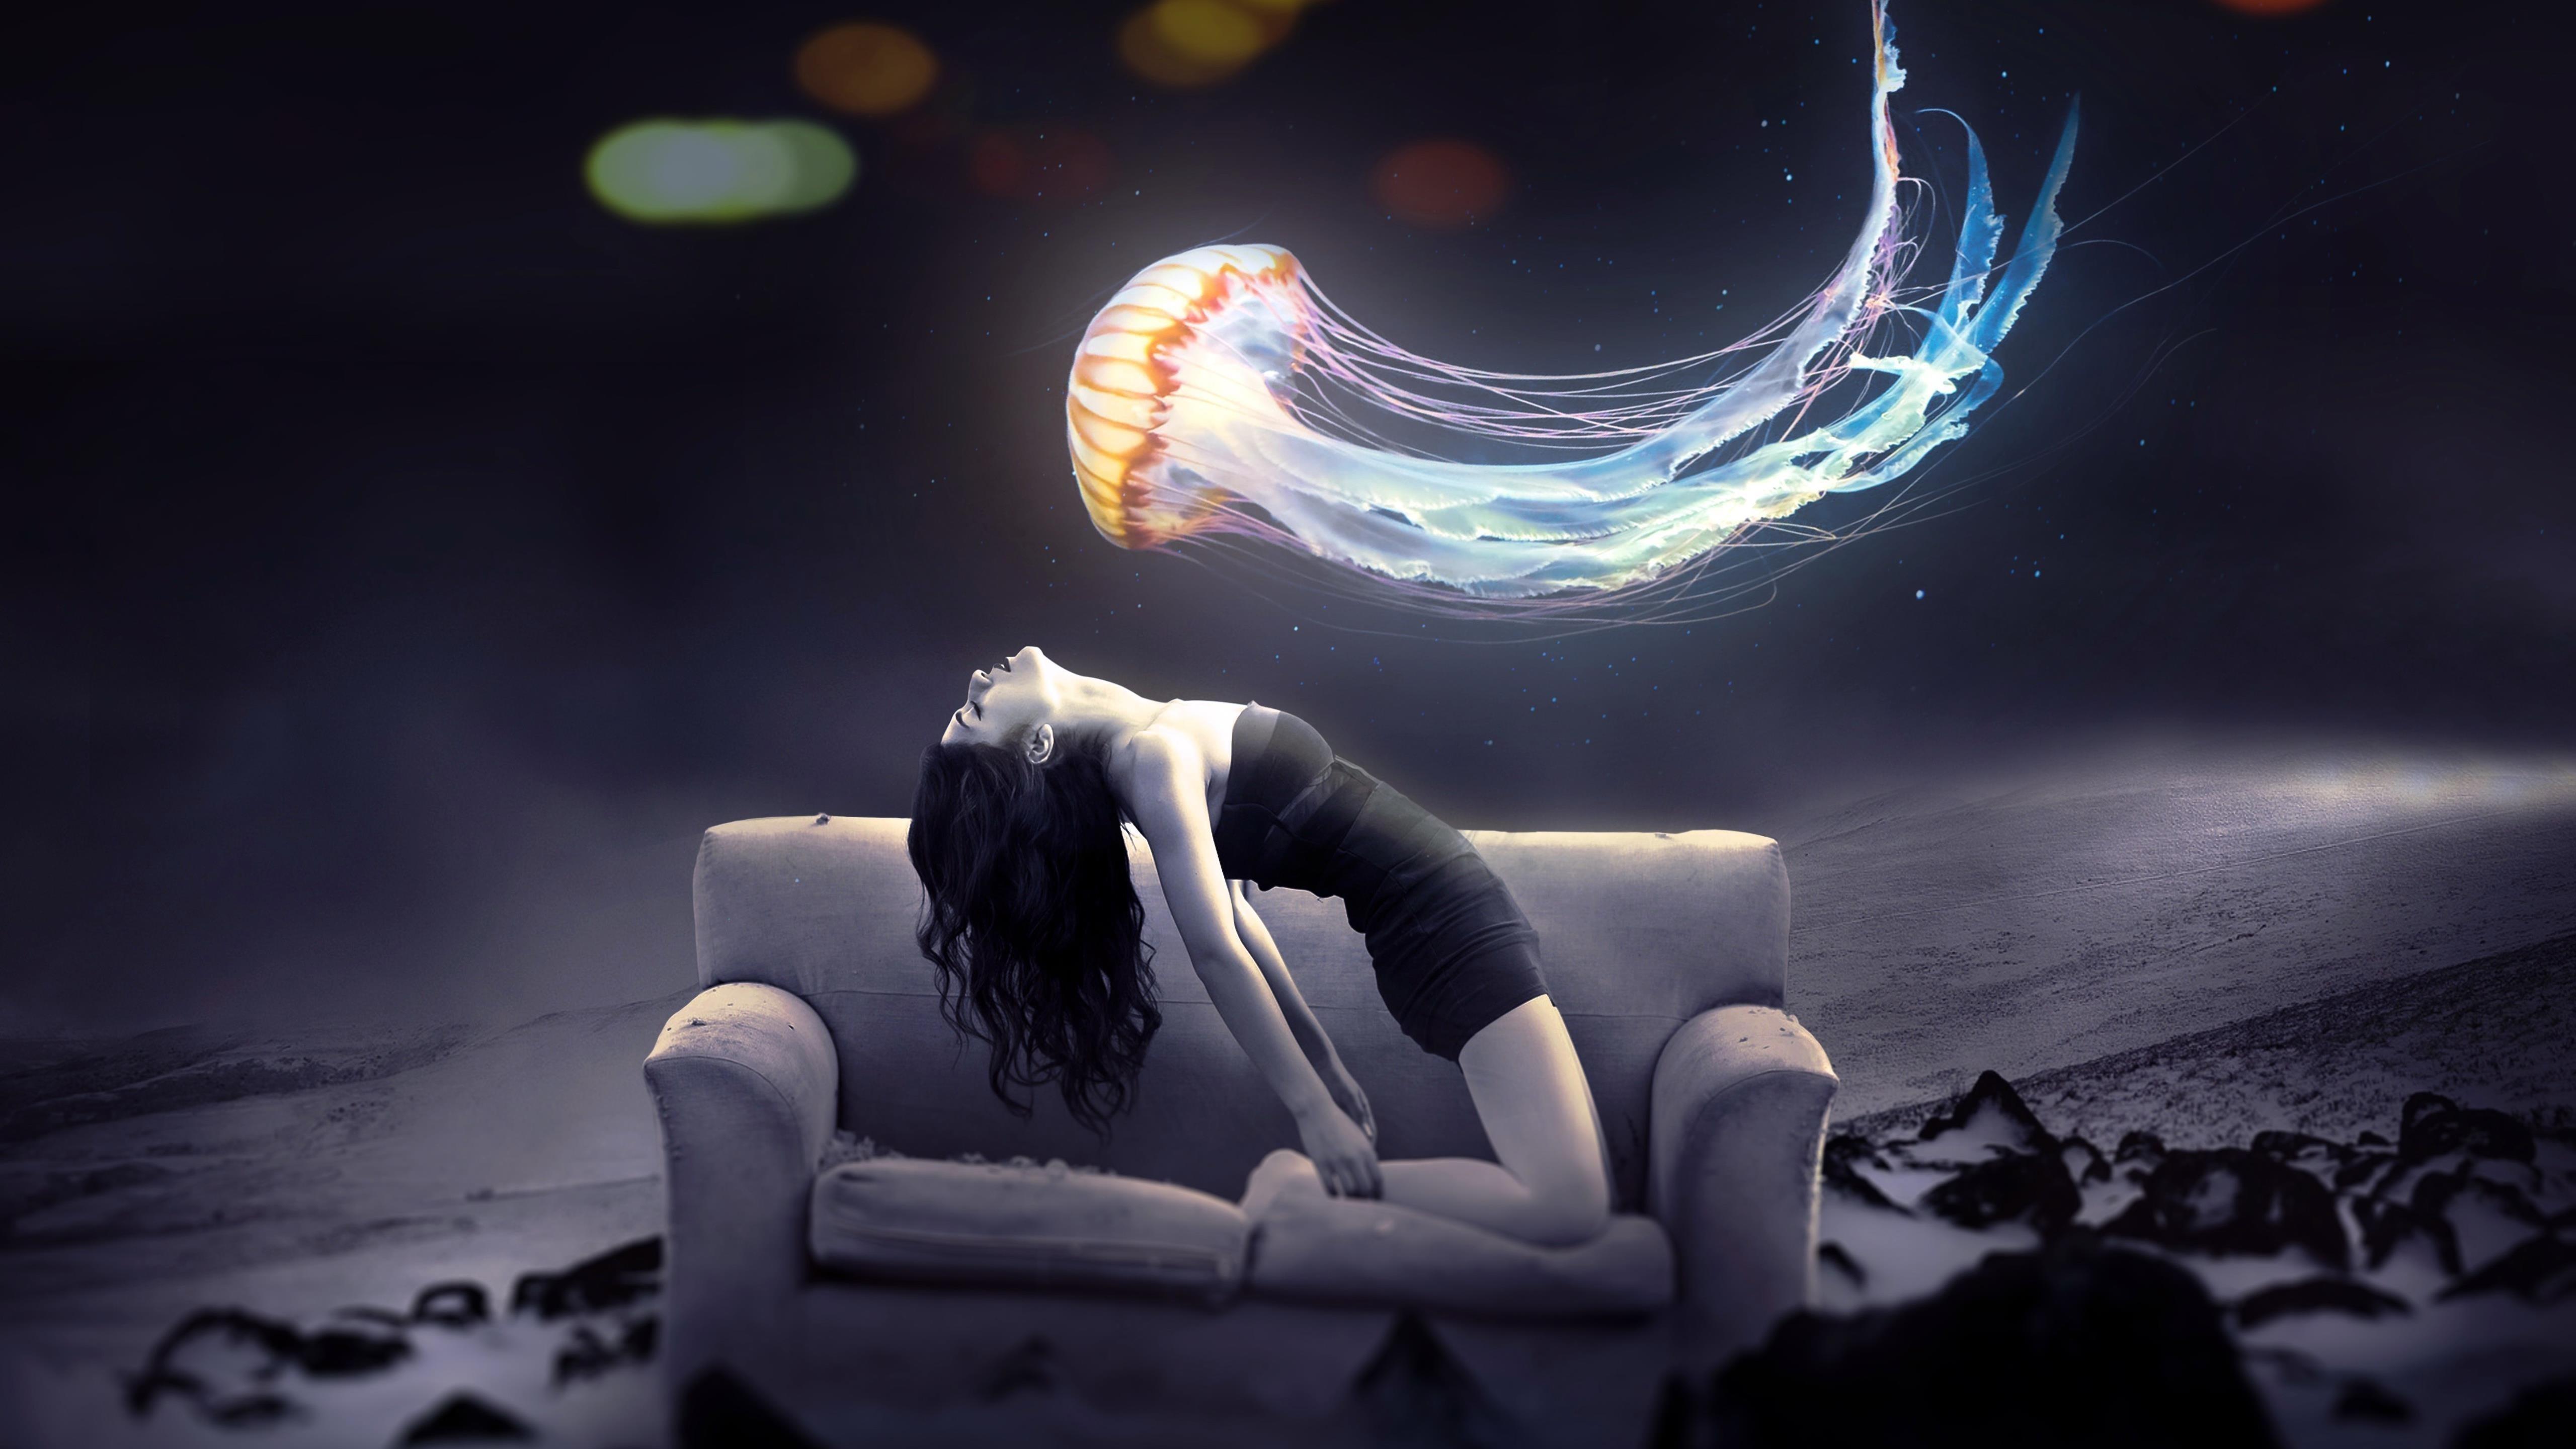 Девушка Медуза фантазия обои скачать